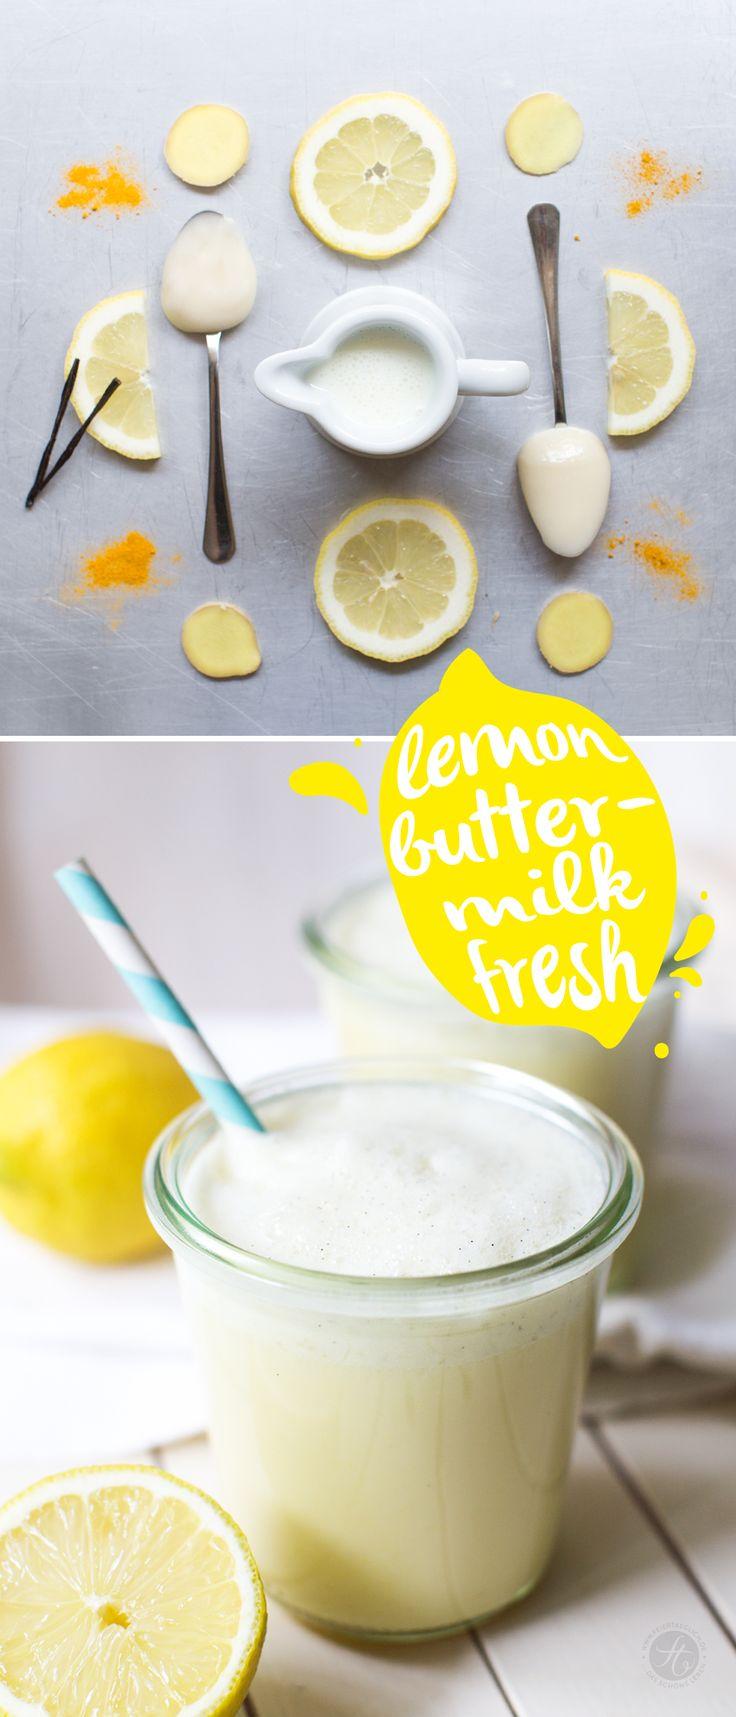 Lemon-Buttermilk-fresh Shake, Rezept von feiertaeglich.de, SmoothieMontag